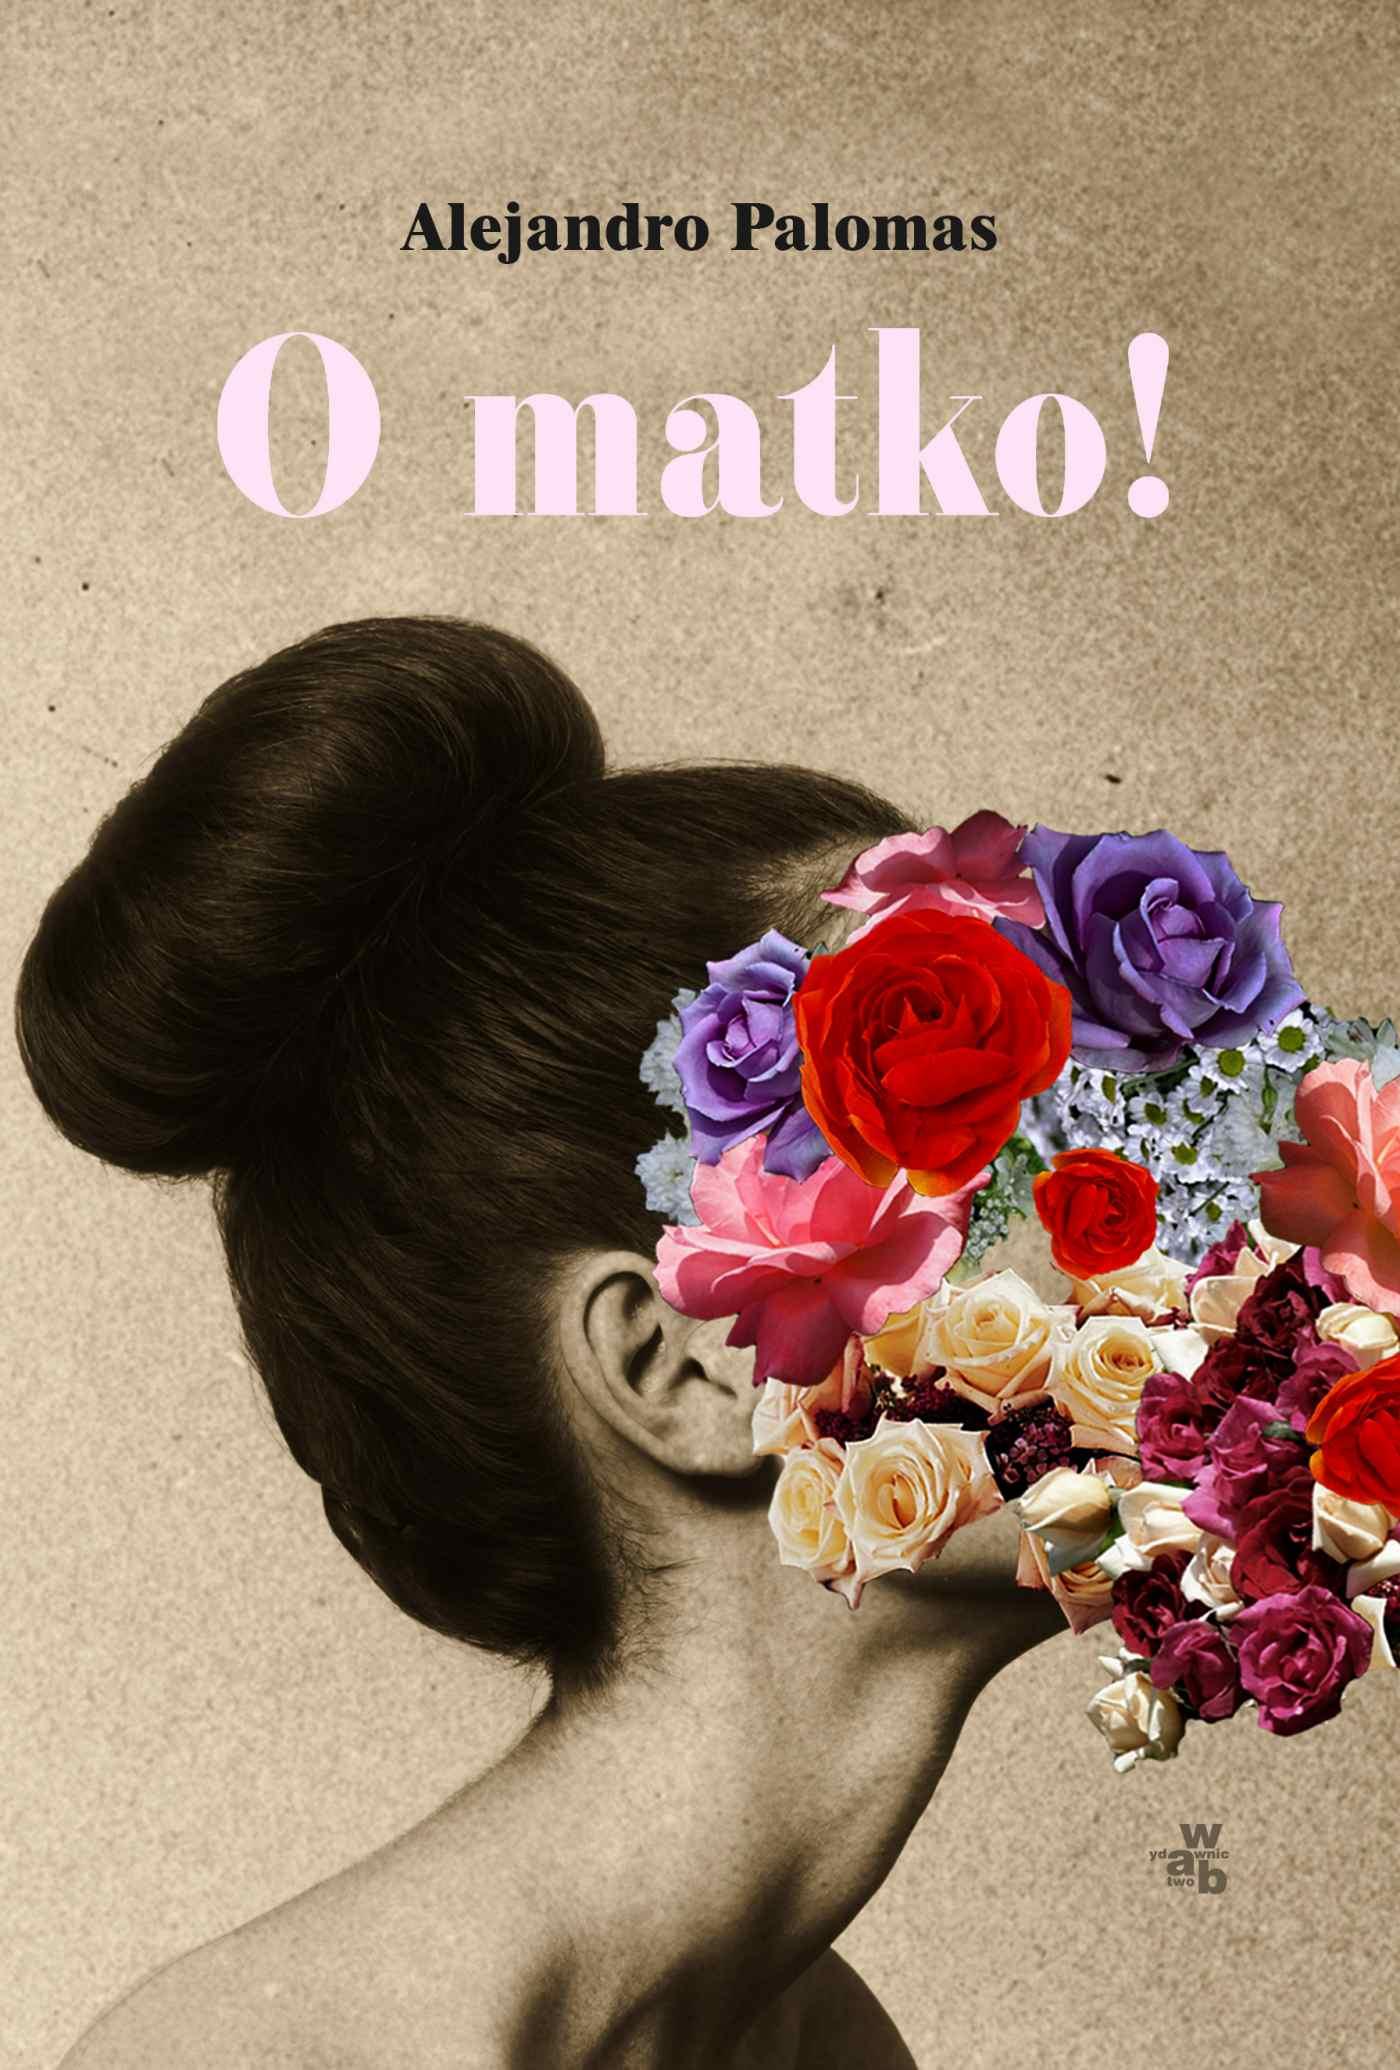 O matko! - Ebook (Książka na Kindle) do pobrania w formacie MOBI